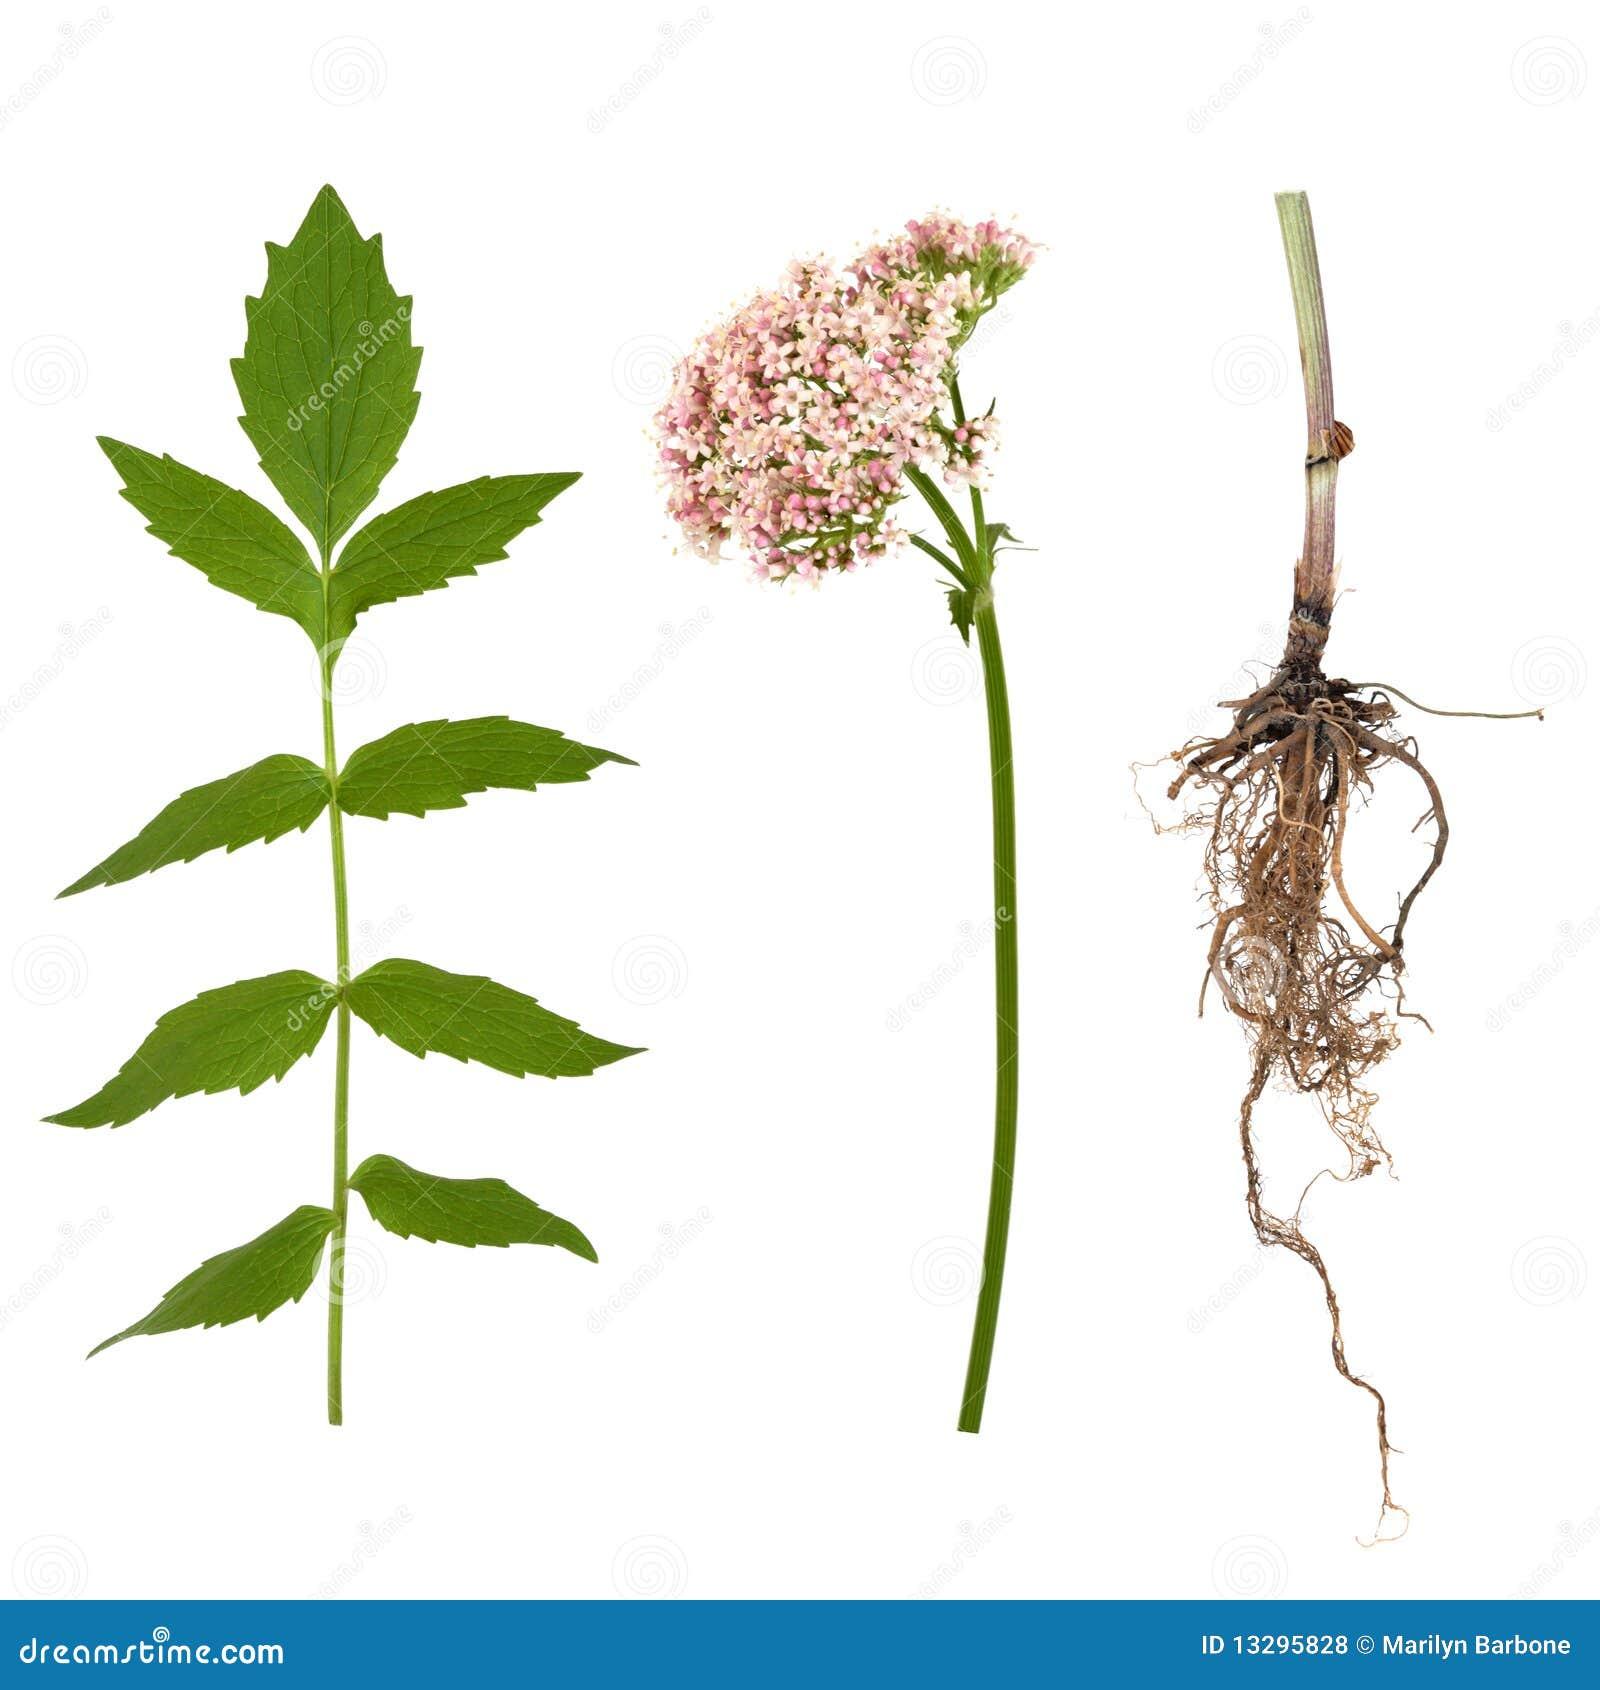 Folha, raiz e flor do Valerian